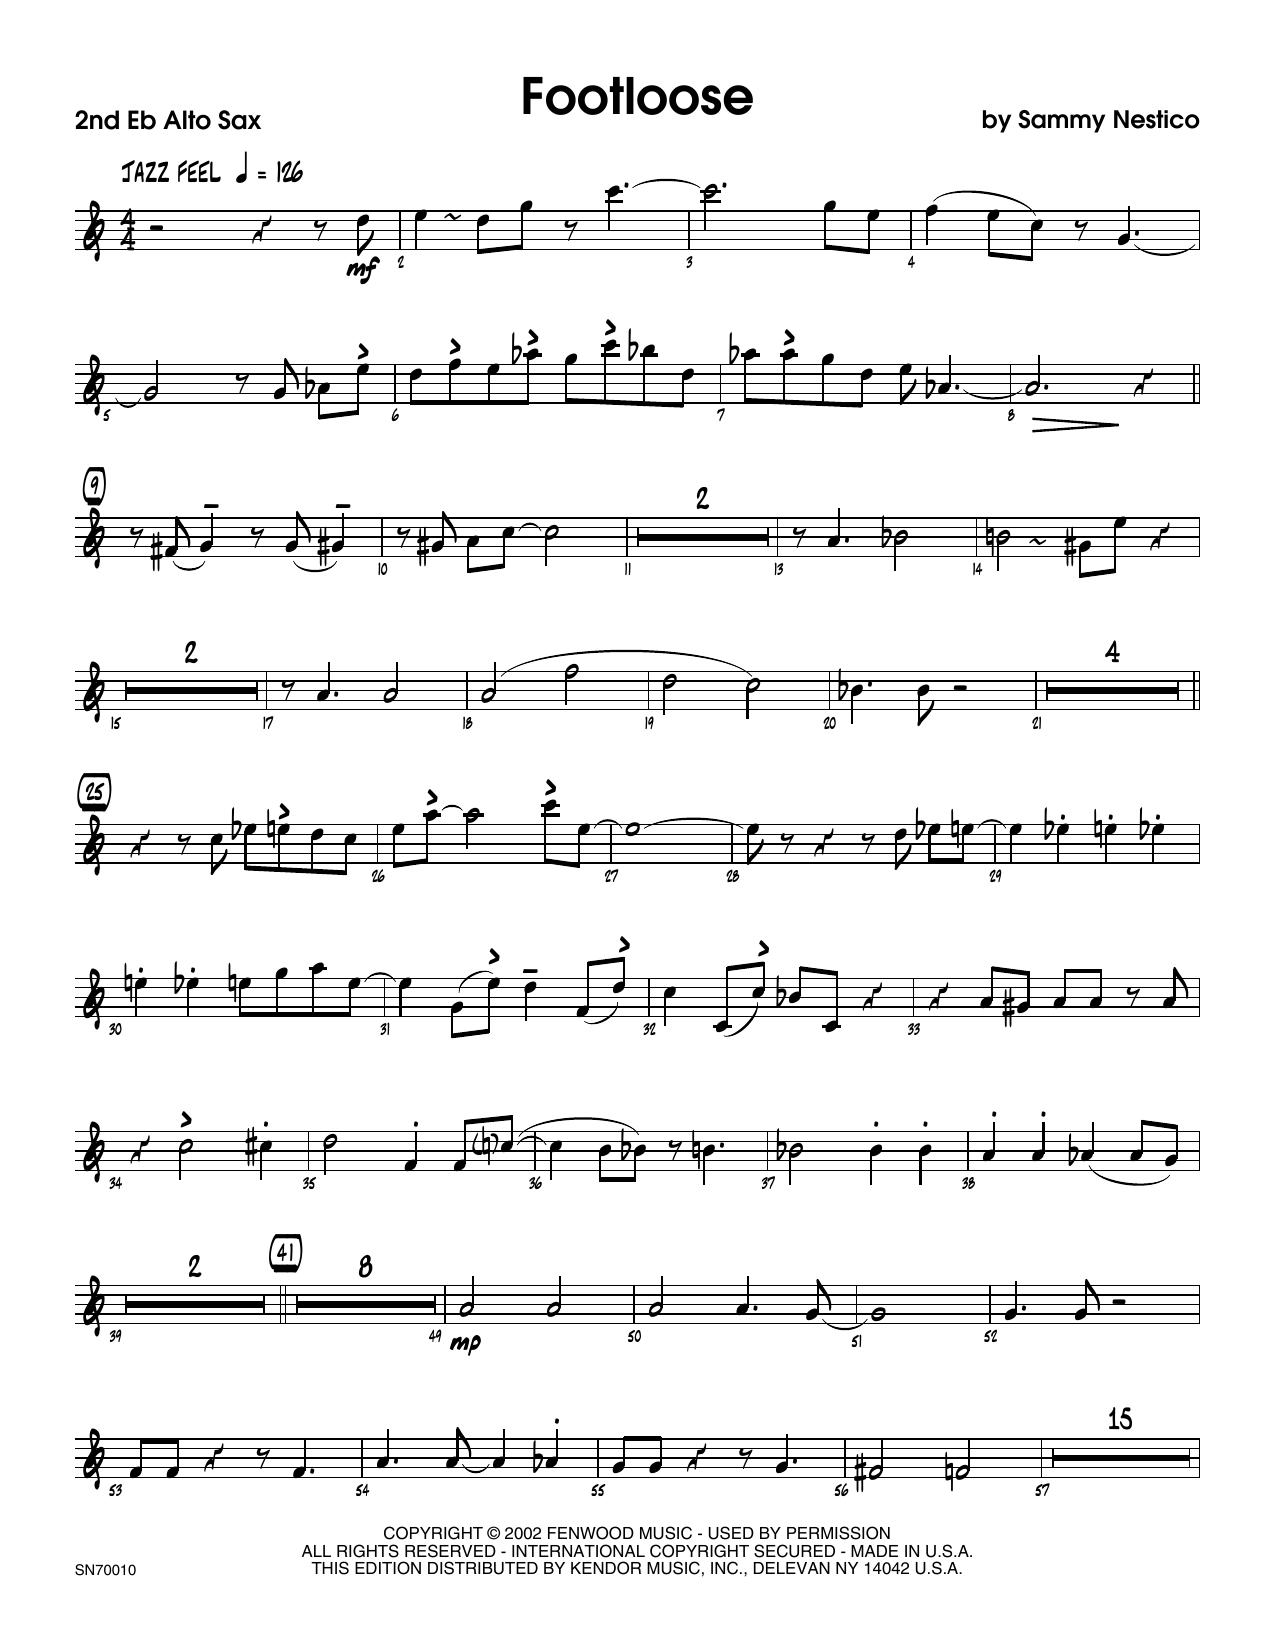 Footloose - 2nd Eb Alto Saxophone Sheet Music